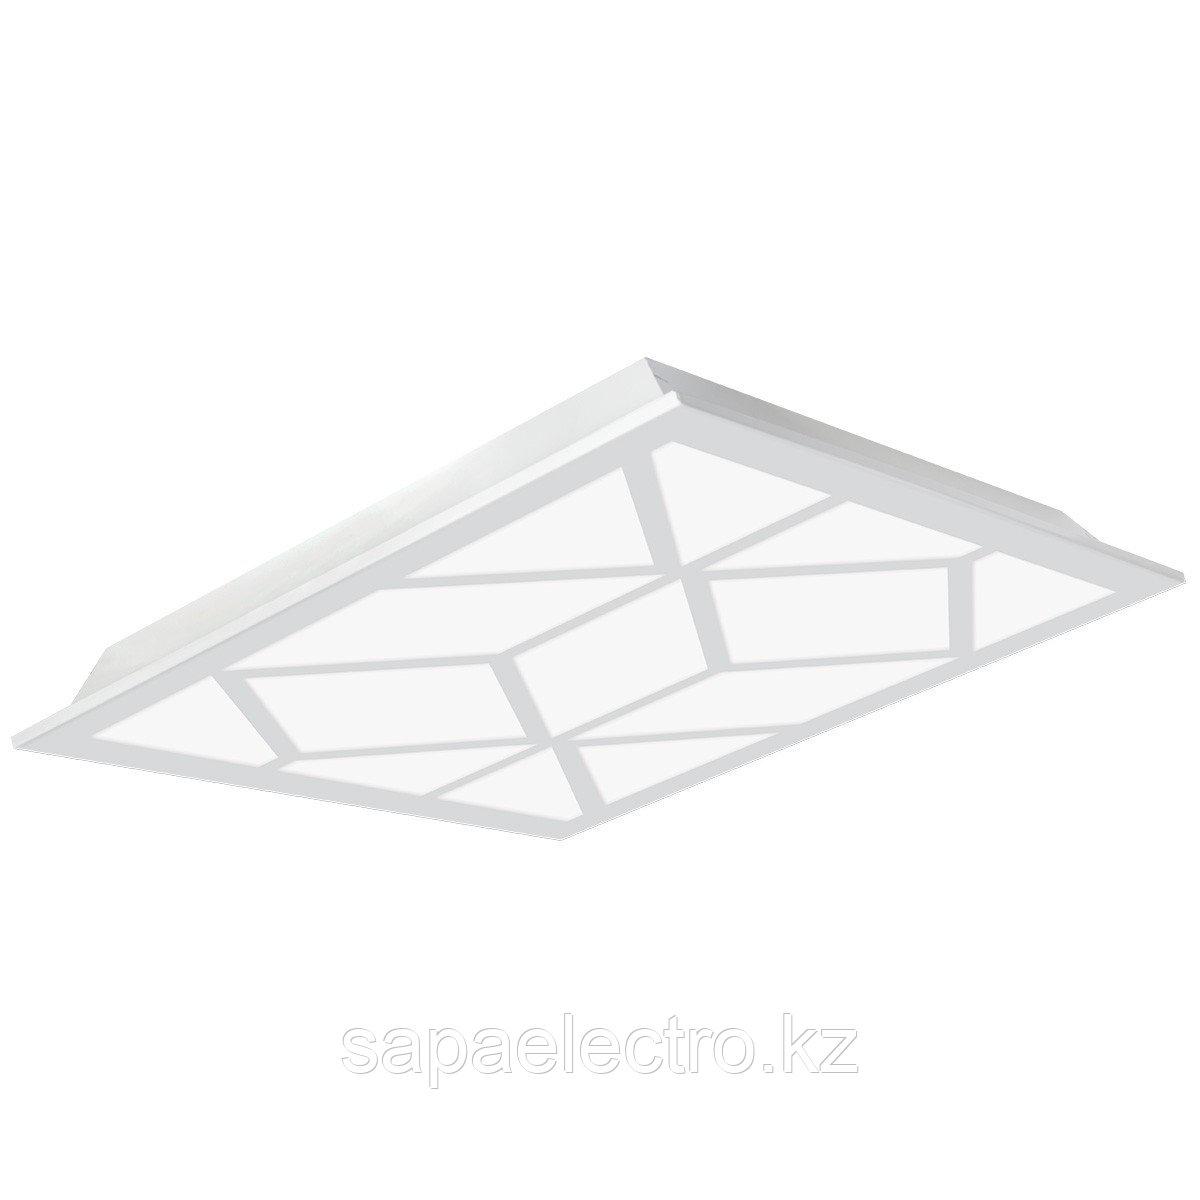 Св-к  OPALLED GEOMETRY 48W WH S/A  600x600 5700K  M